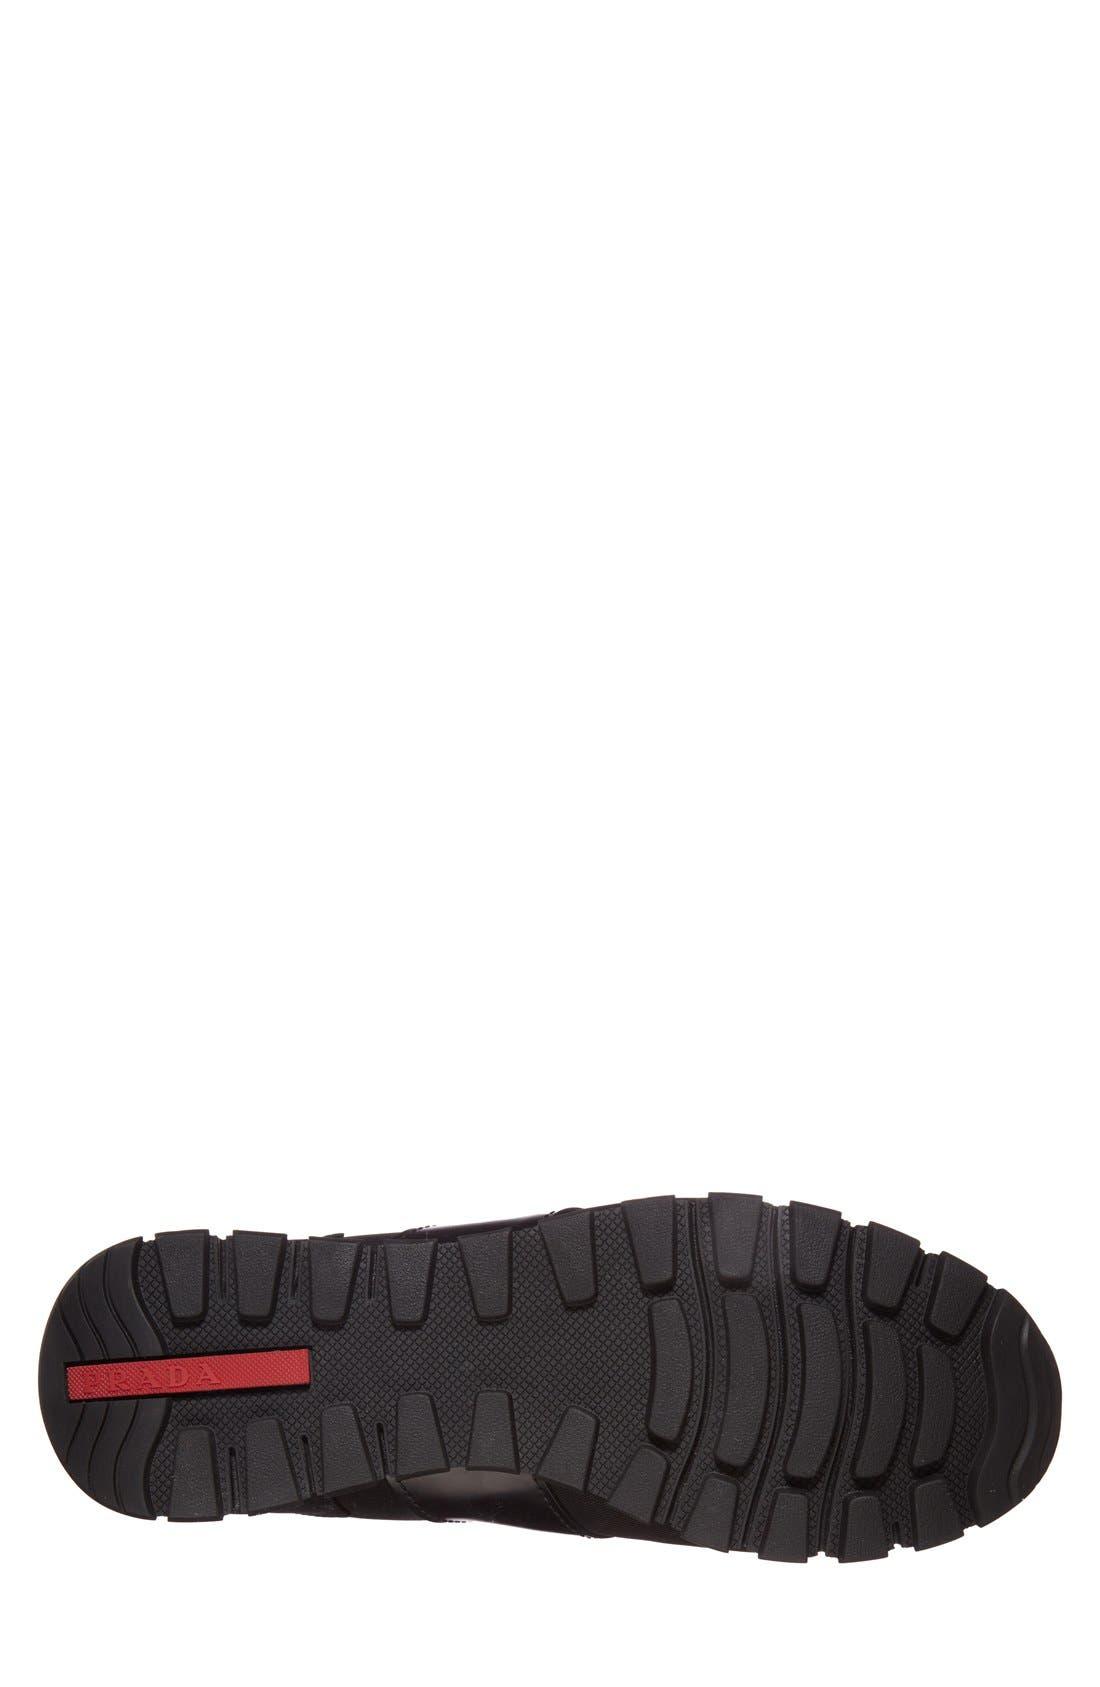 Runner Sneaker,                             Alternate thumbnail 4, color,                             Black Fabric